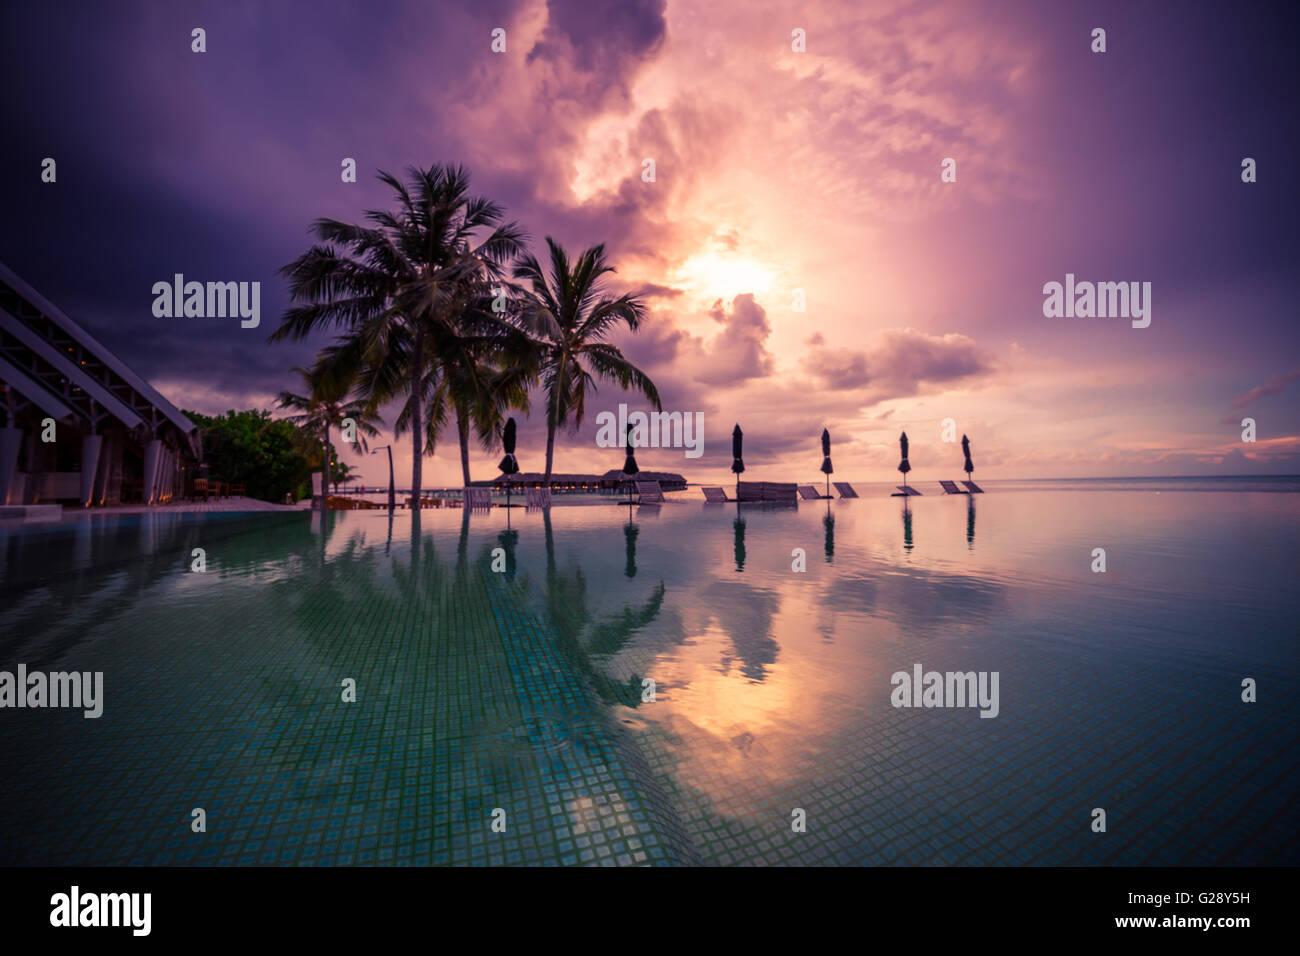 Erstaunlichen Sonnenuntergang Strand auf den Malediven. Hintergrund-Konzept Stockbild